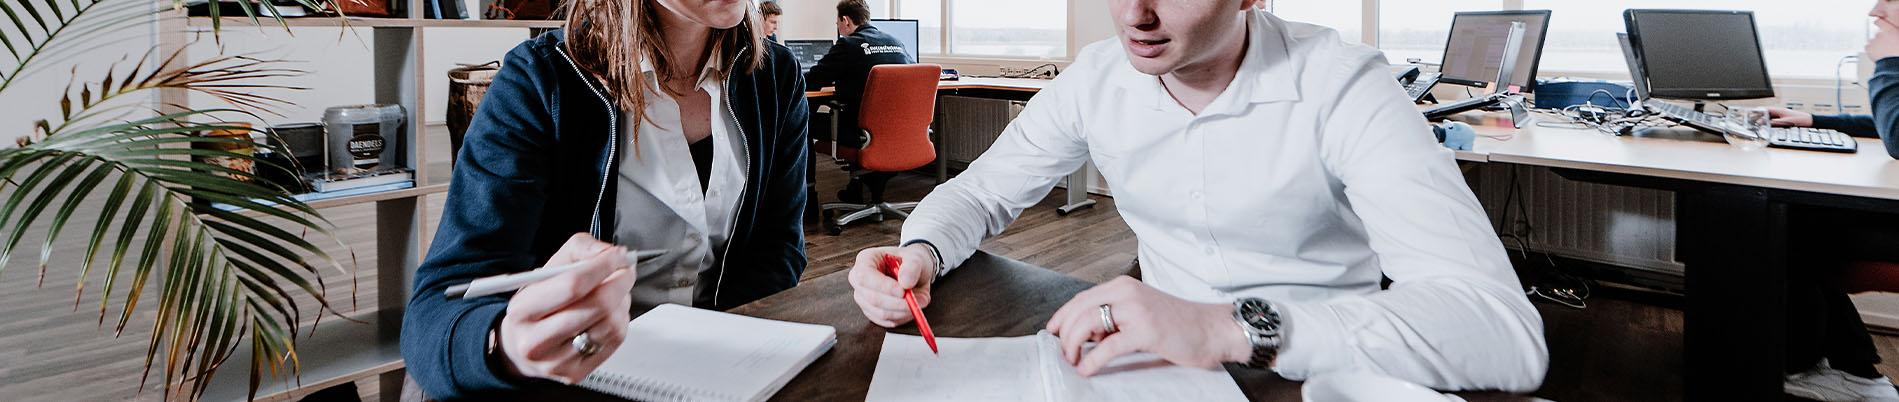 Succesfactor geeft je het beste advies op het gebied van Online marketing